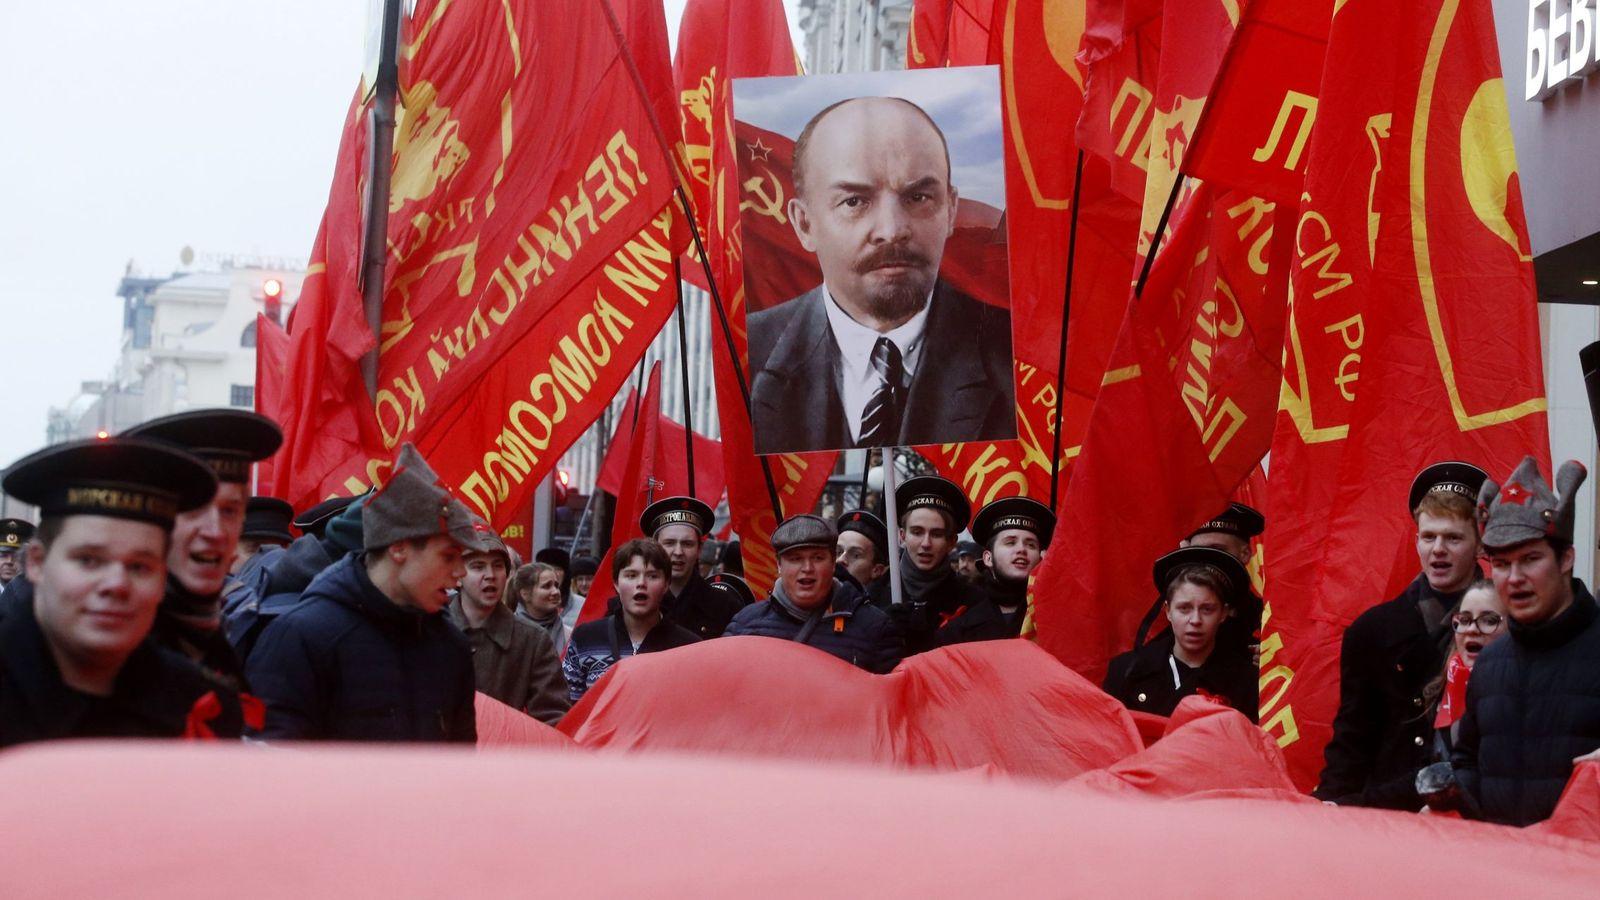 Foto: Miembros de las juventudes comunistas rusas marchan durante un acto que conmemora el centenario de la Revolución bolchevique en Moscú. (EFE)